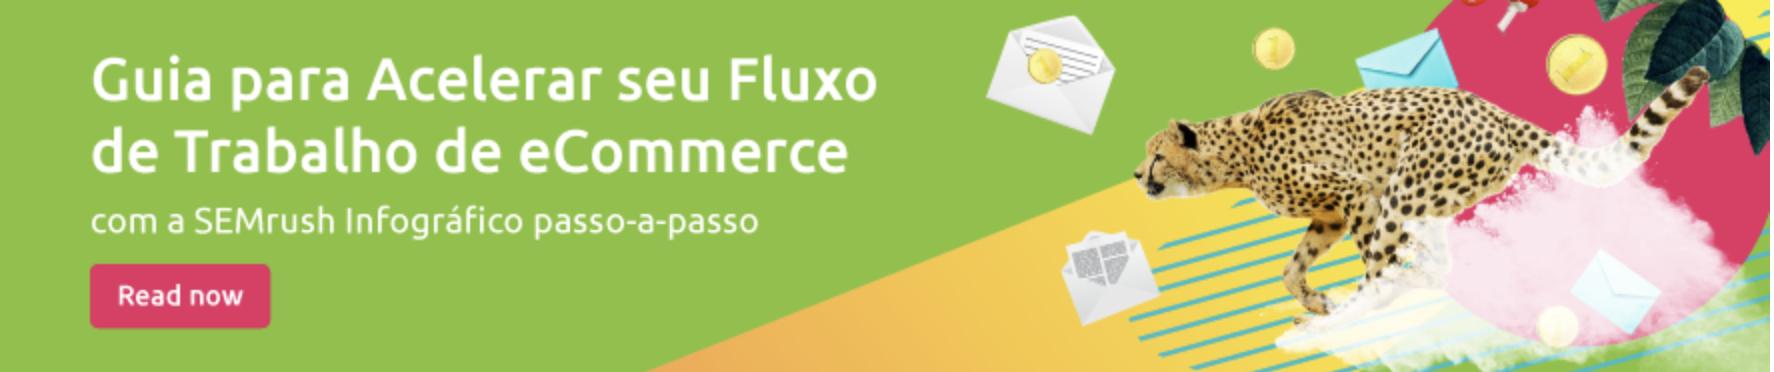 50 Fatos Para uma Estratégia de E-commerce de Sucesso em 2020. Imagem 3